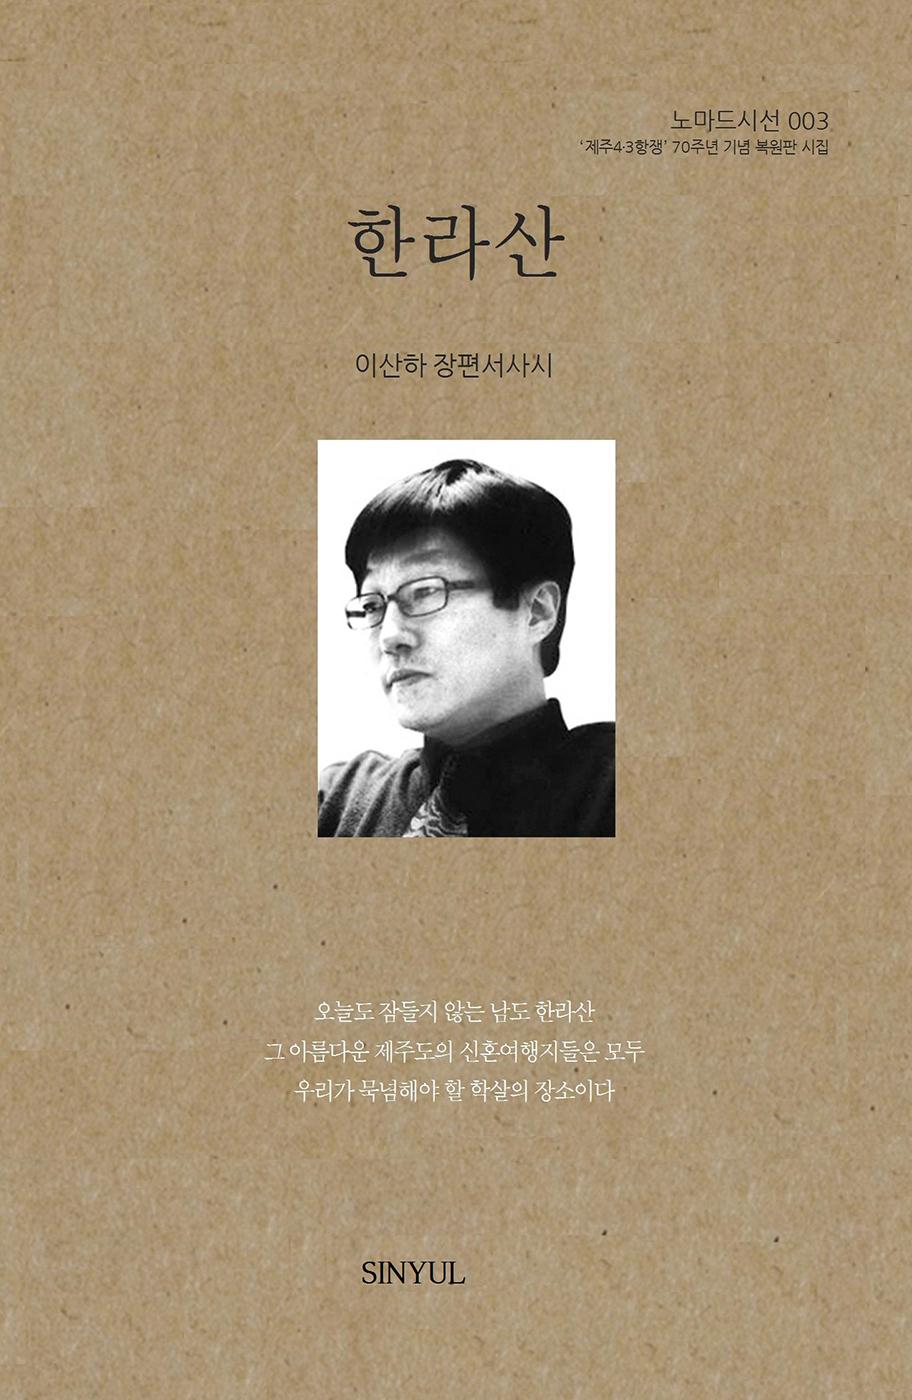 [노마드시선 003] 한라산 : 이산하 장편서사시|제주 4·3 항쟁 70주년 기념 복원판 시집